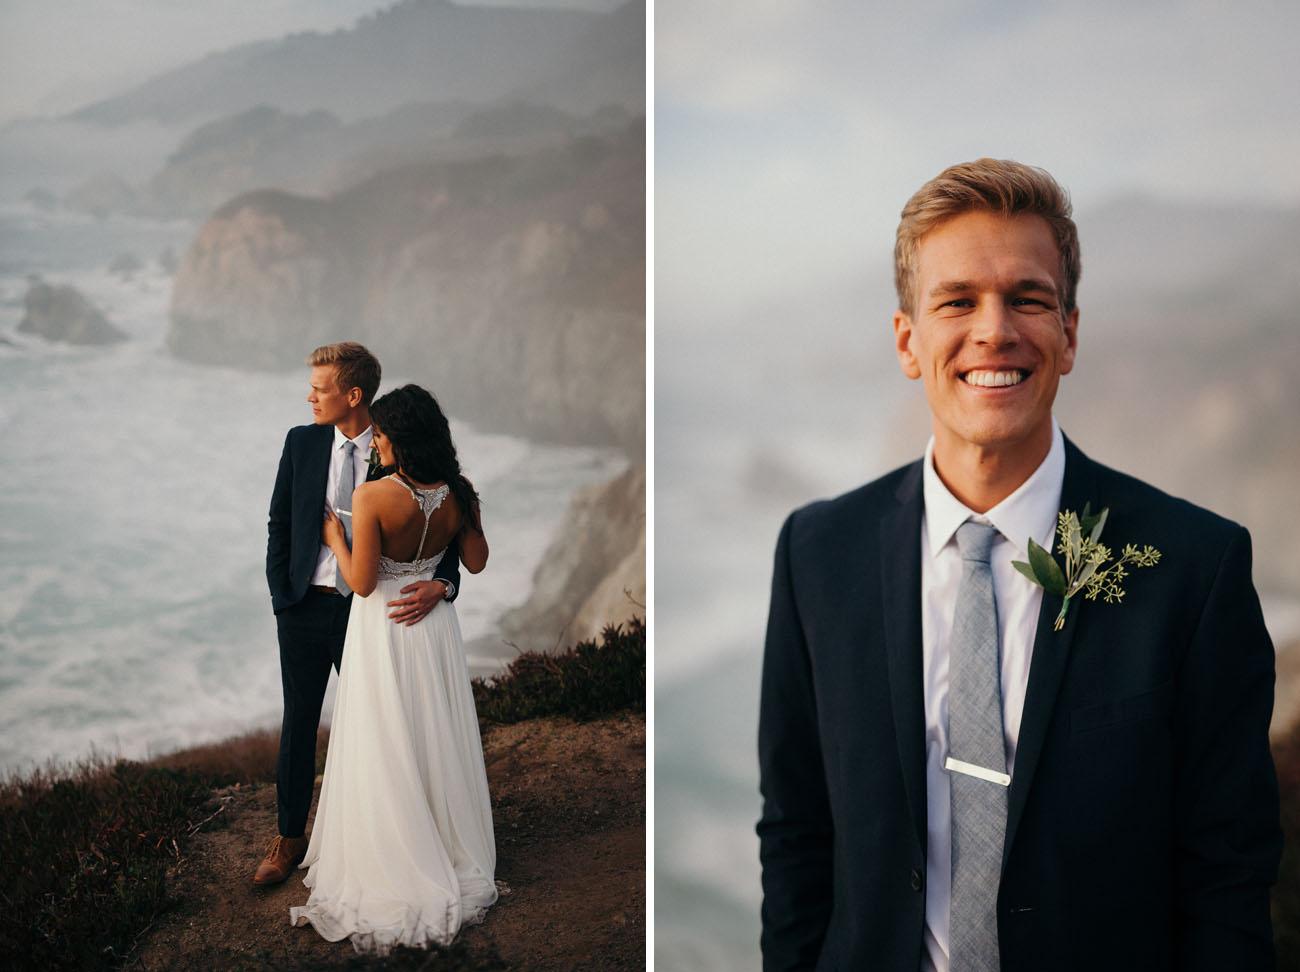 blue tie groom